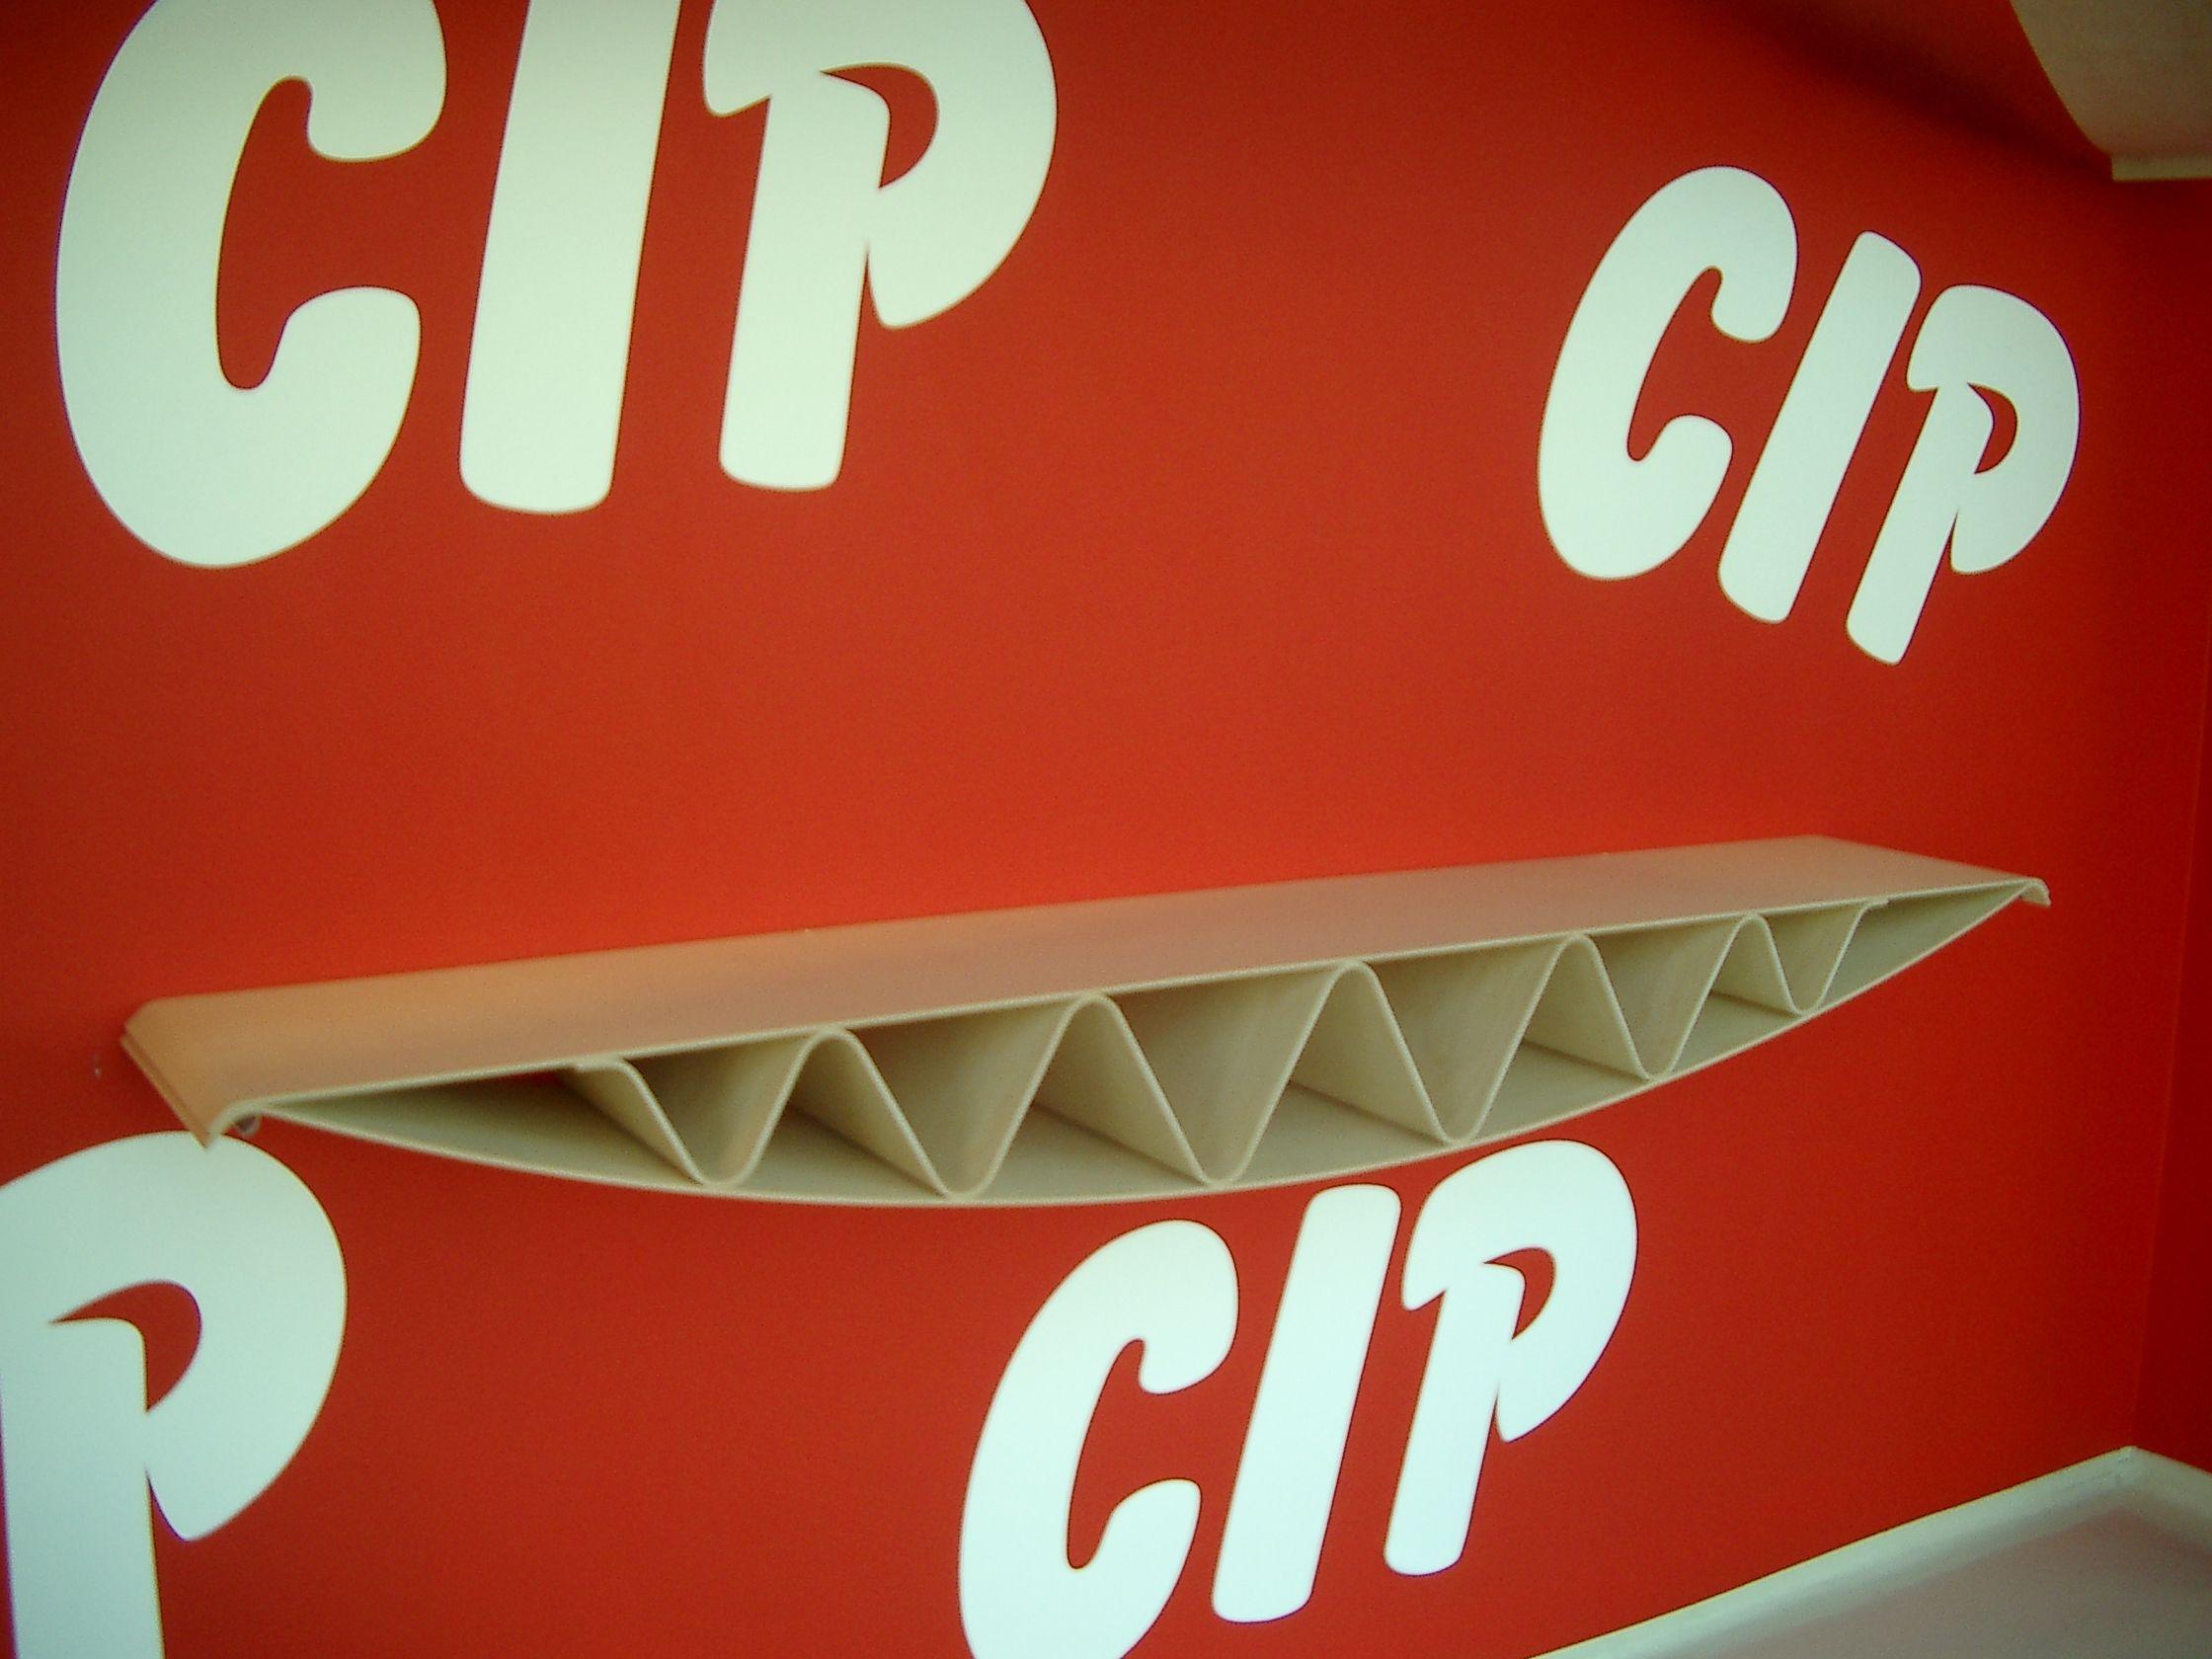 CIP CIP CIP CIP wood shelf